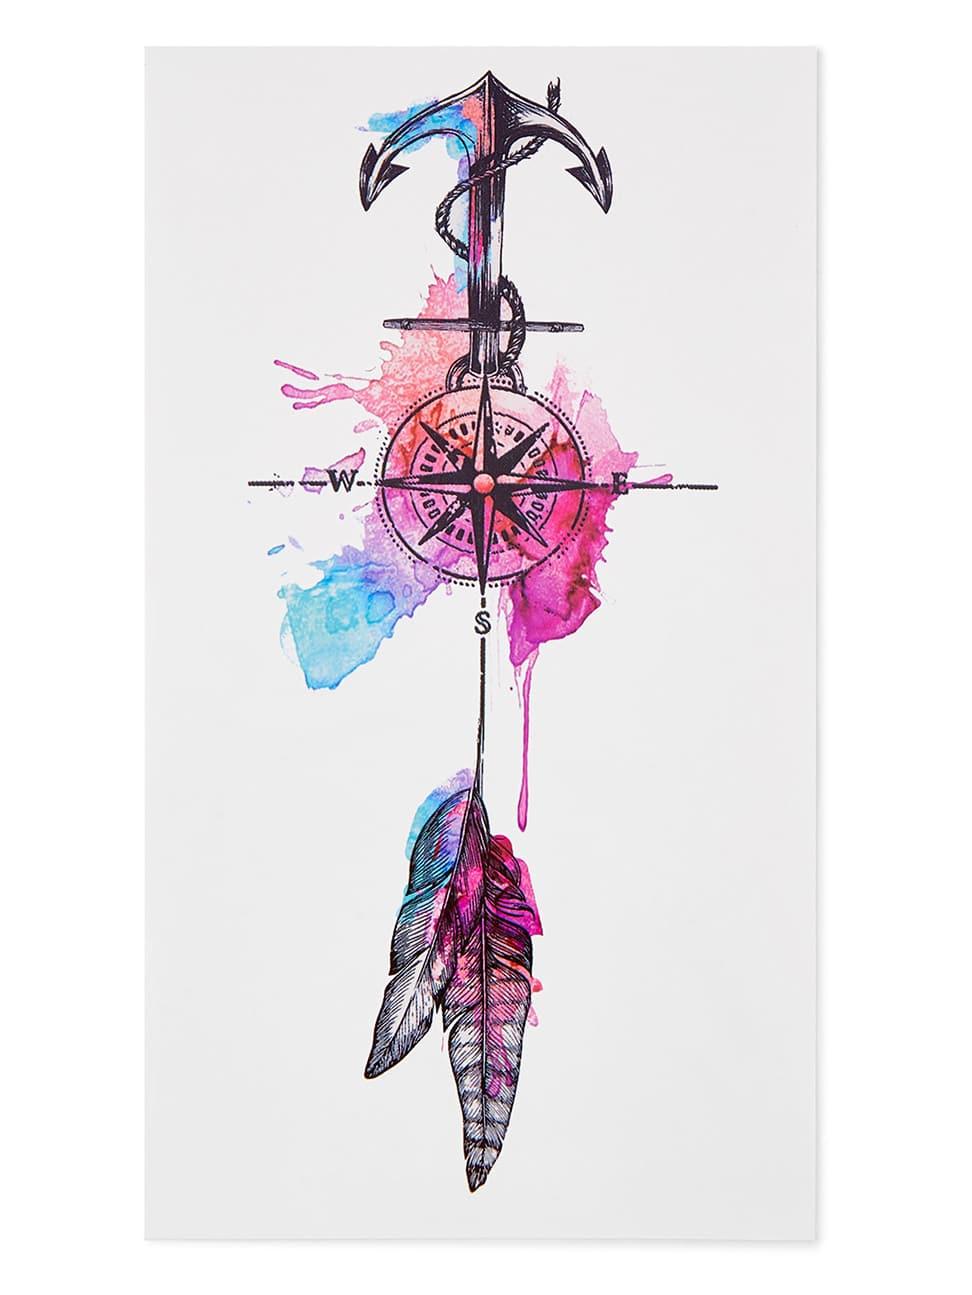 Dreamcatcher Design Tattoo Sticker